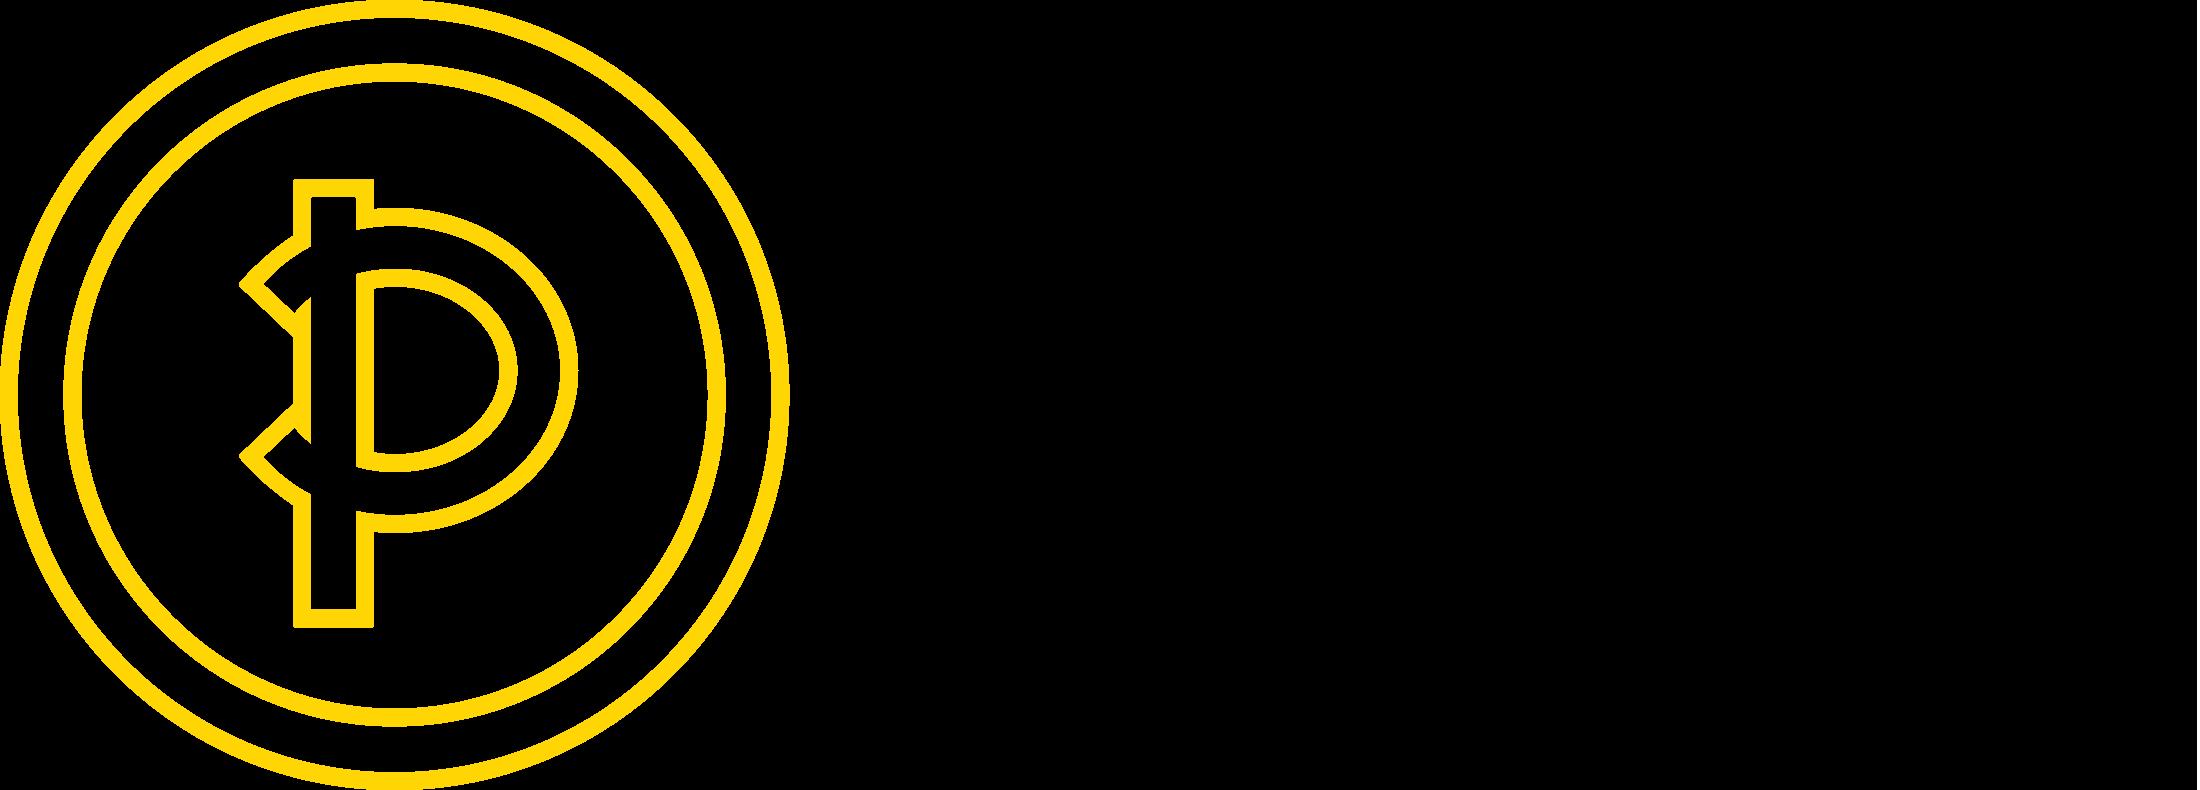 Premico_logo-positive